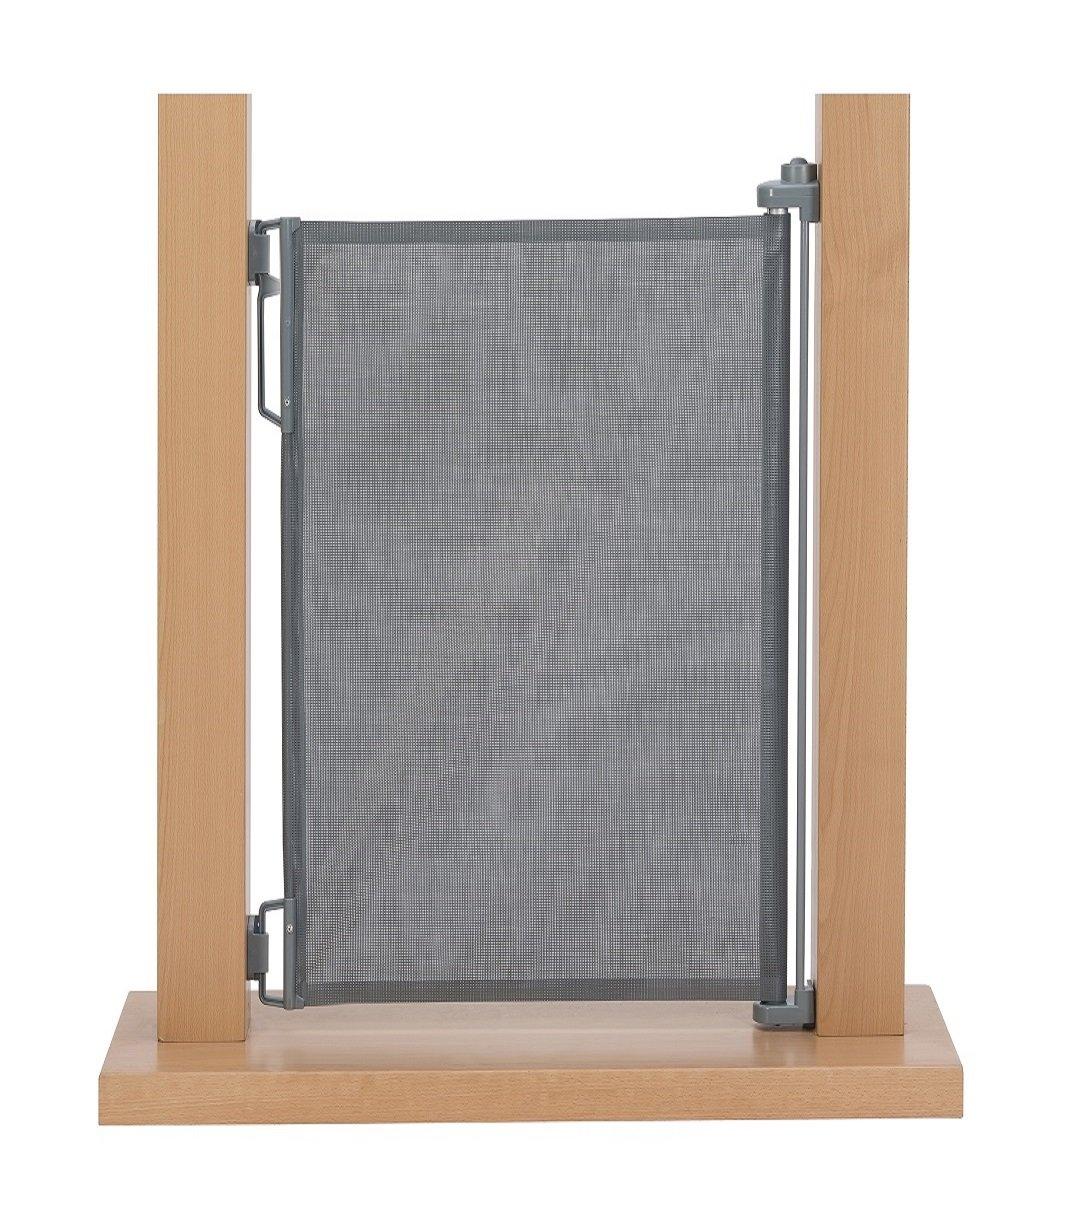 und Treppenschutzgitter Höhe 105 cm einrollbar 50-140 cm Weiß Impag Rollo Tür